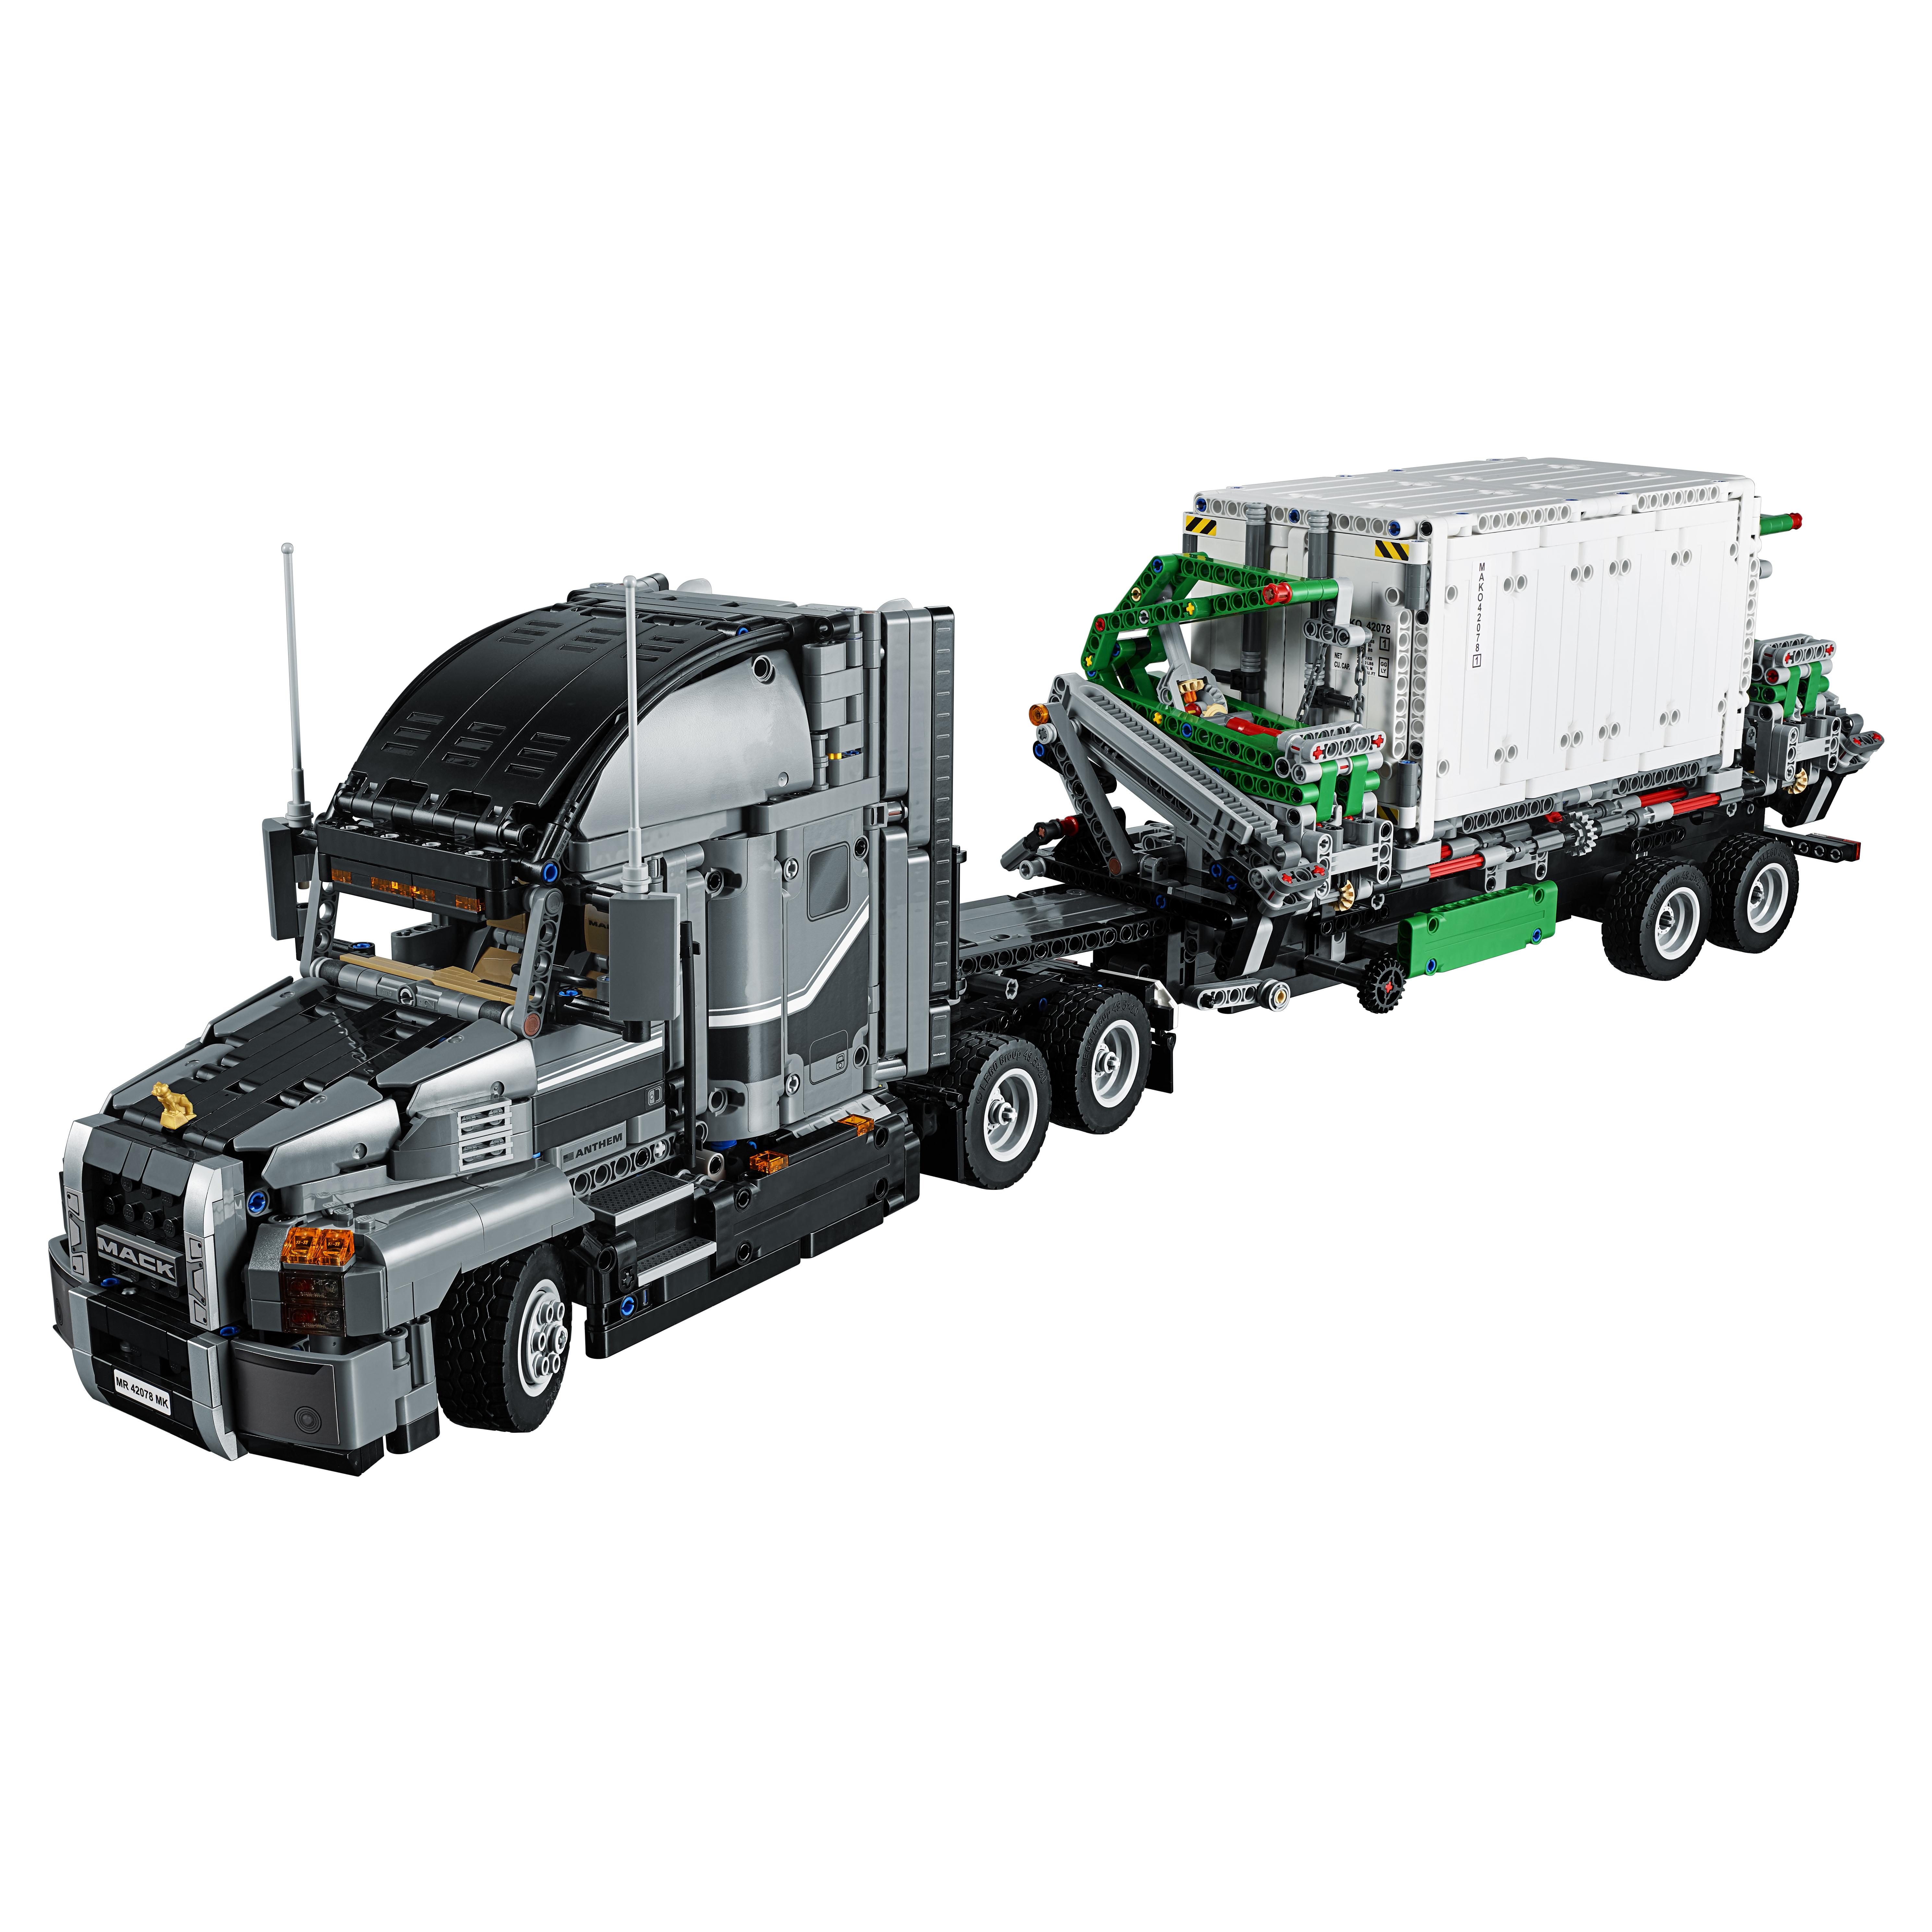 Купить Конструктор lego technic грузовик mack (42078), Конструктор LEGO Technic Грузовик MACK (42078)